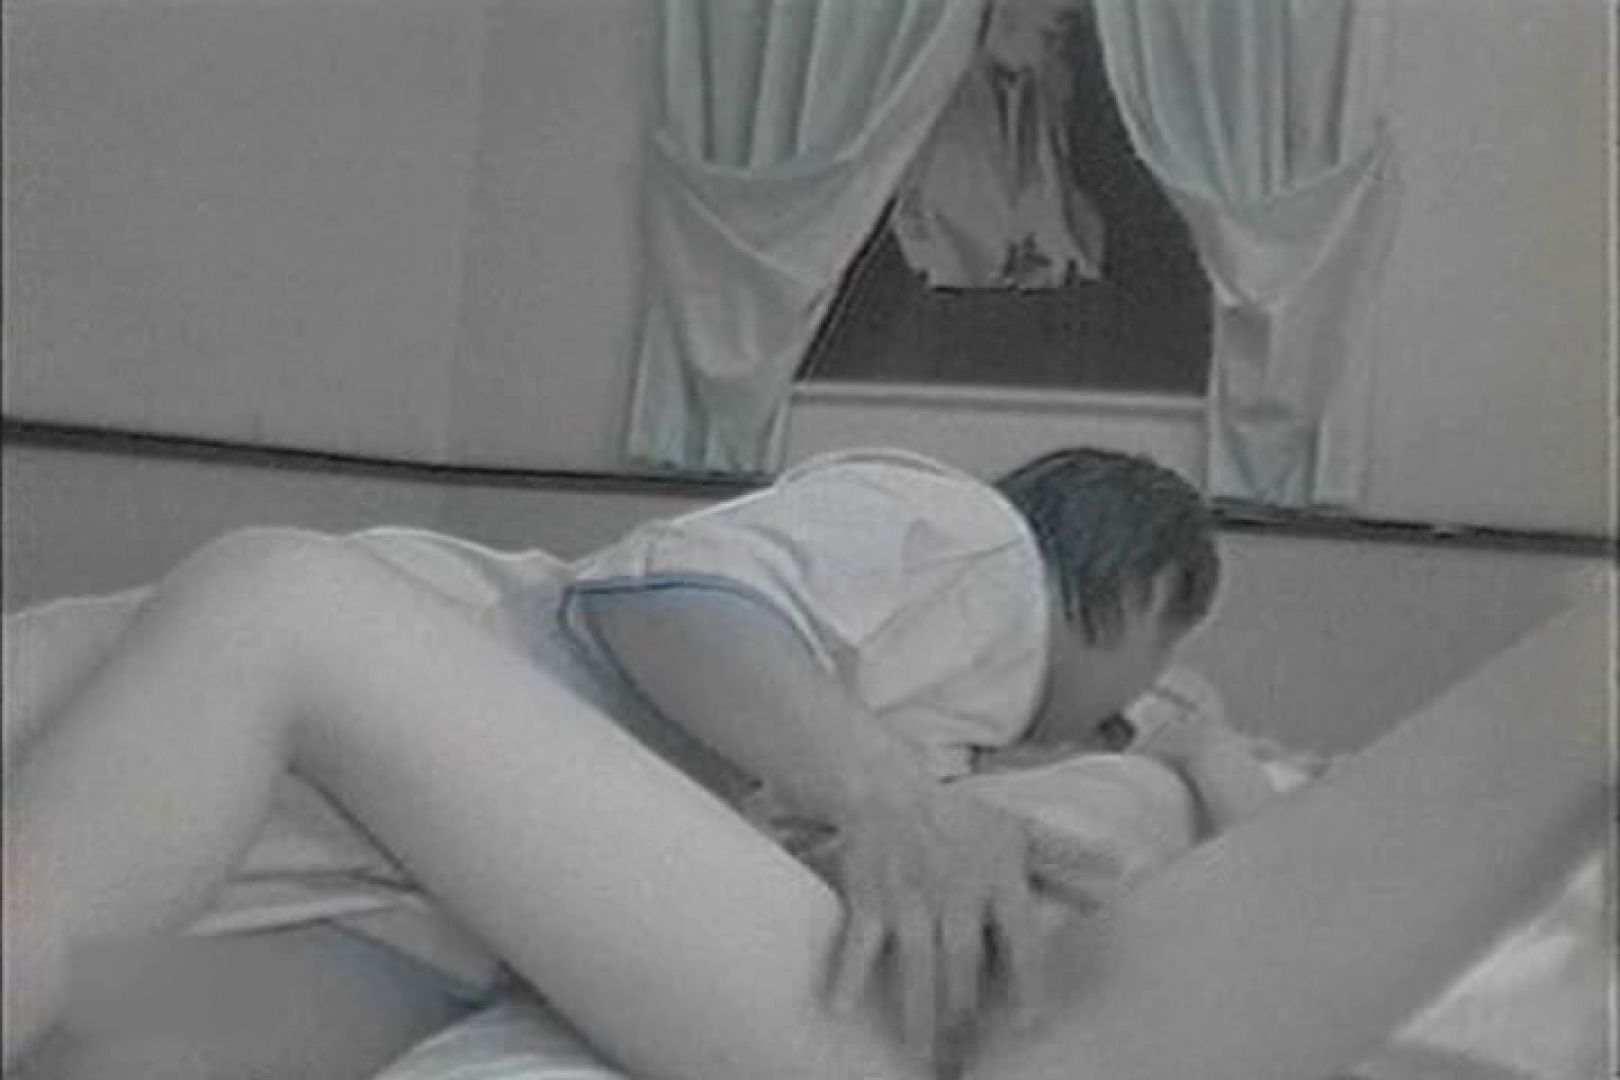 素人嬢をホテルに連れ込みアンナ事・コンナ事!?Vol.9 すけべな美女   ナンパ  108画像 36